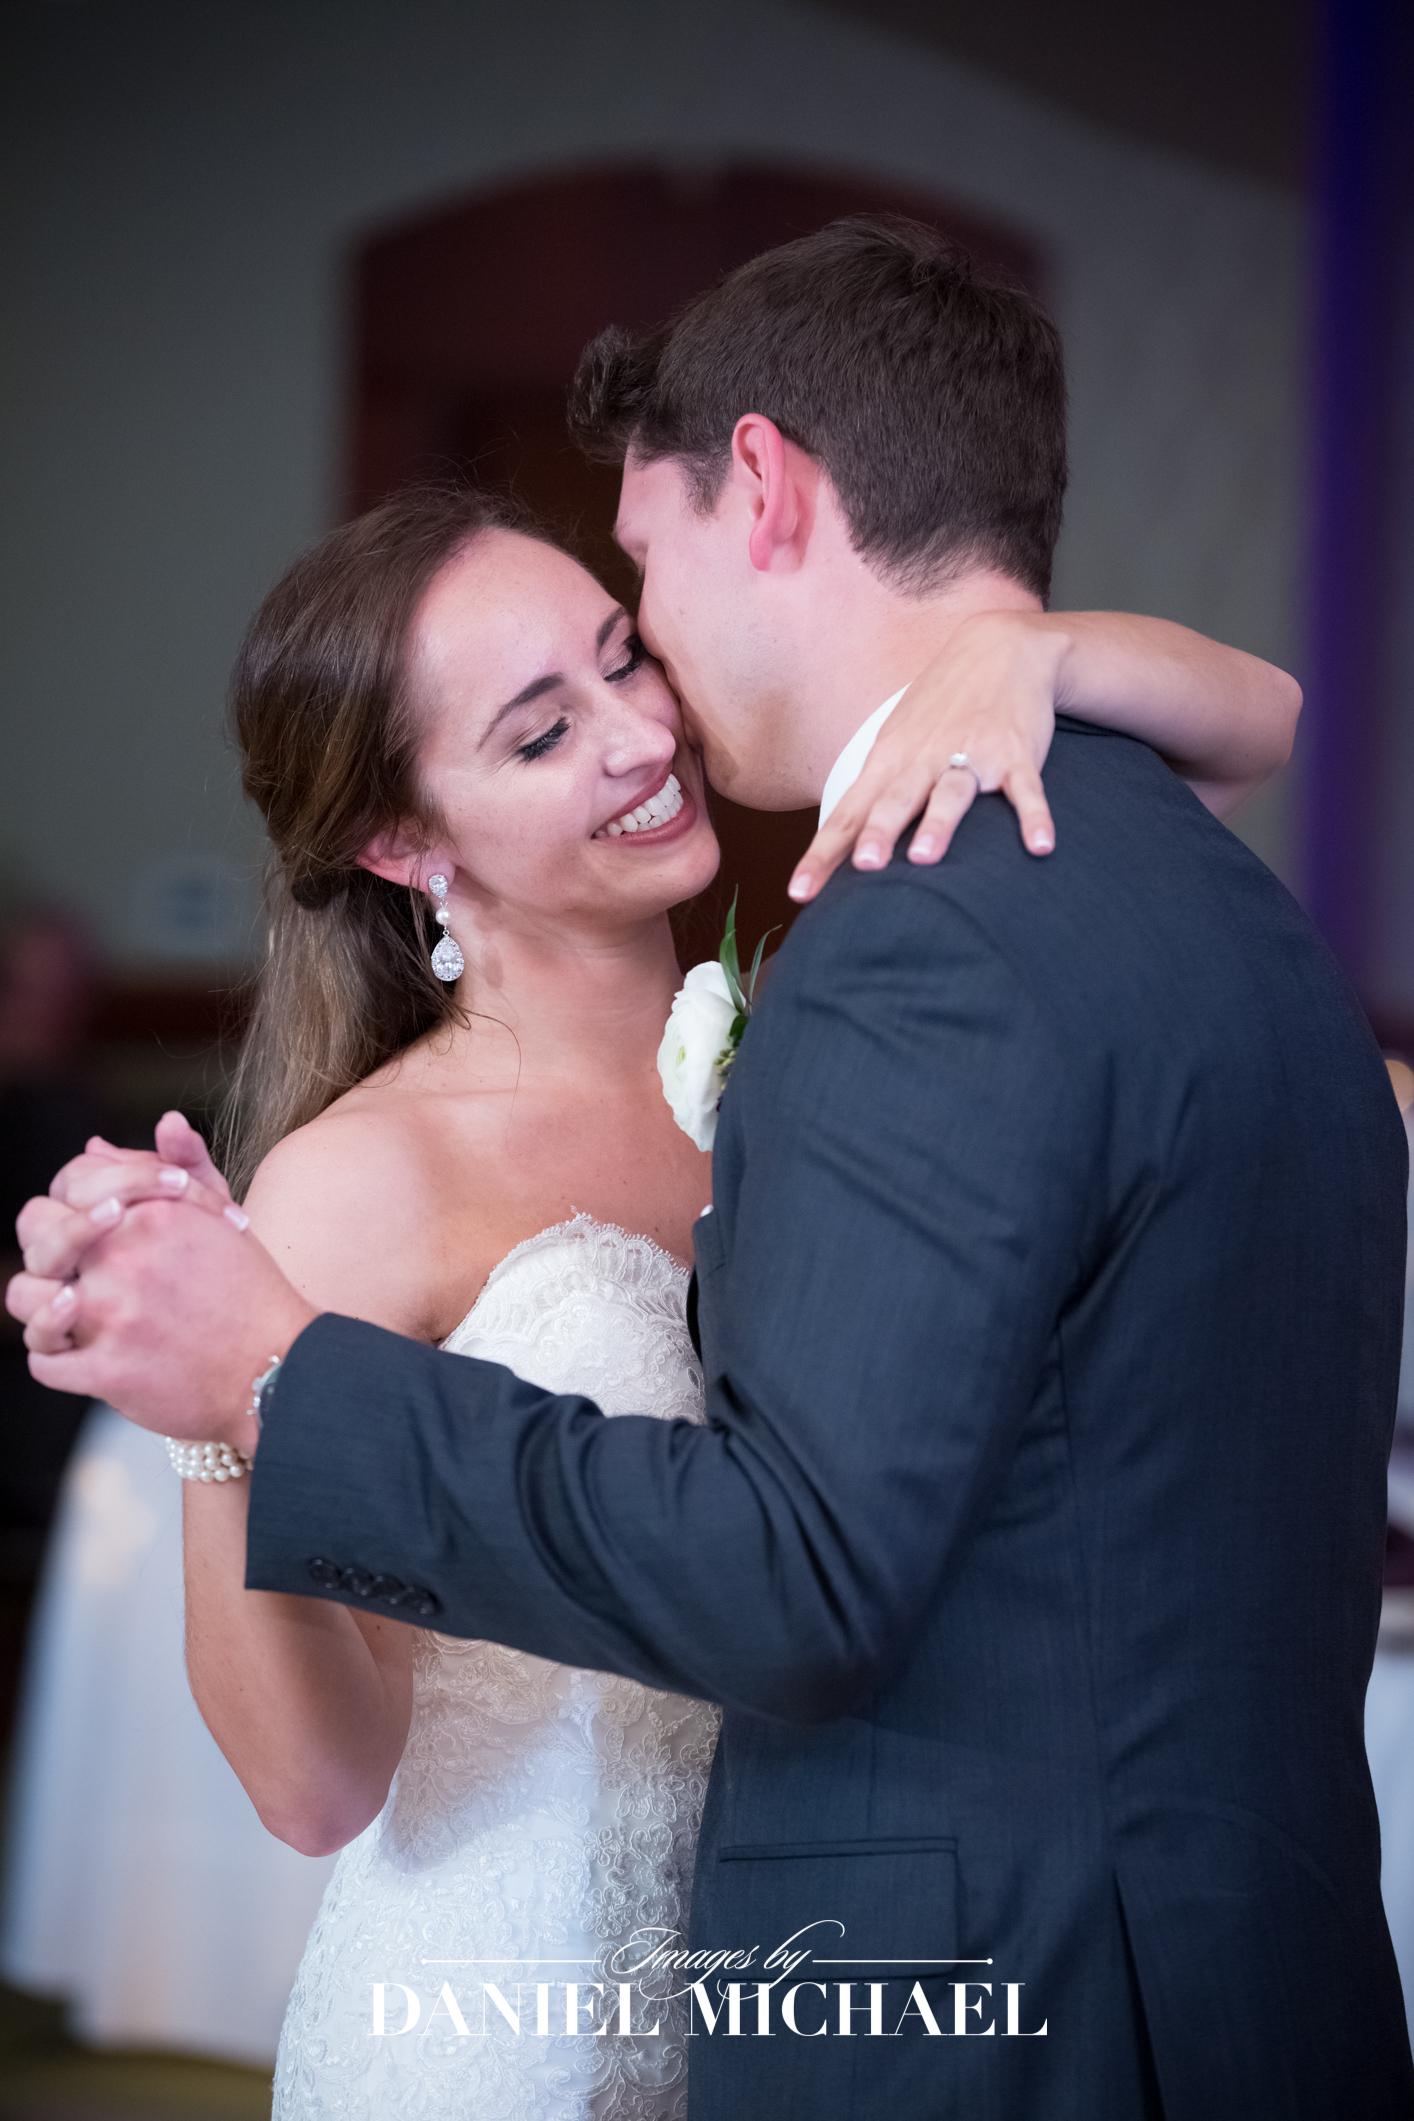 Marriott River Center Venue Wedding Reception Ceremony Photographer